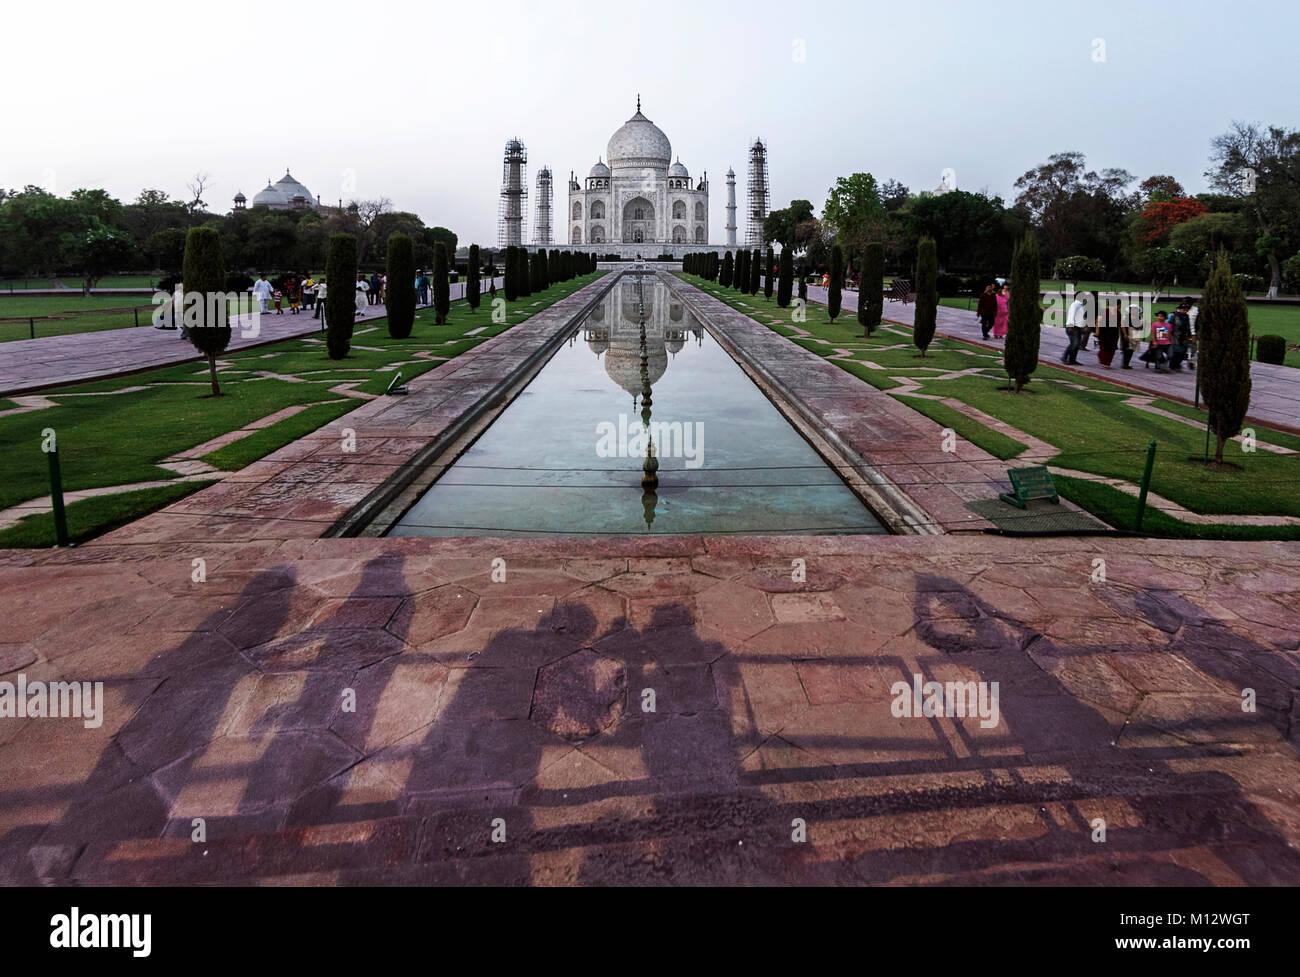 Iconic Ansicht des Taj Mahal, einem der Weltwunder, Agra, Indien Stockbild